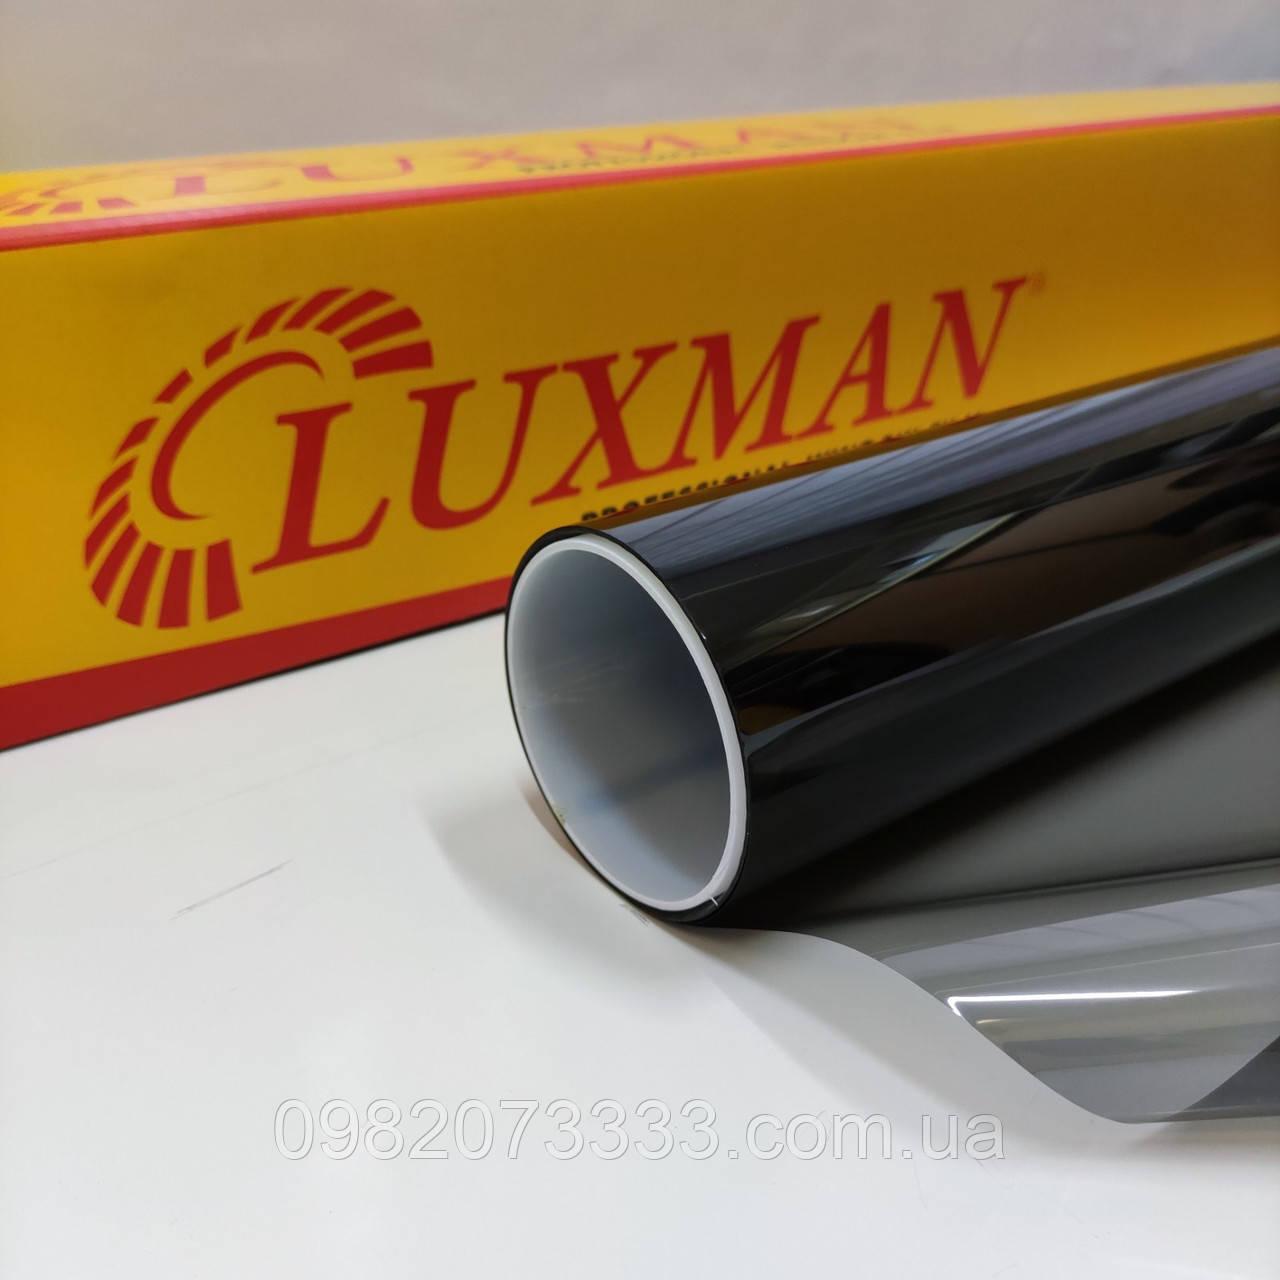 Тонировочная пленка на лобовое стекло HPX 50 Luxman  Гарантия LFT ширина рулона 0,915 м